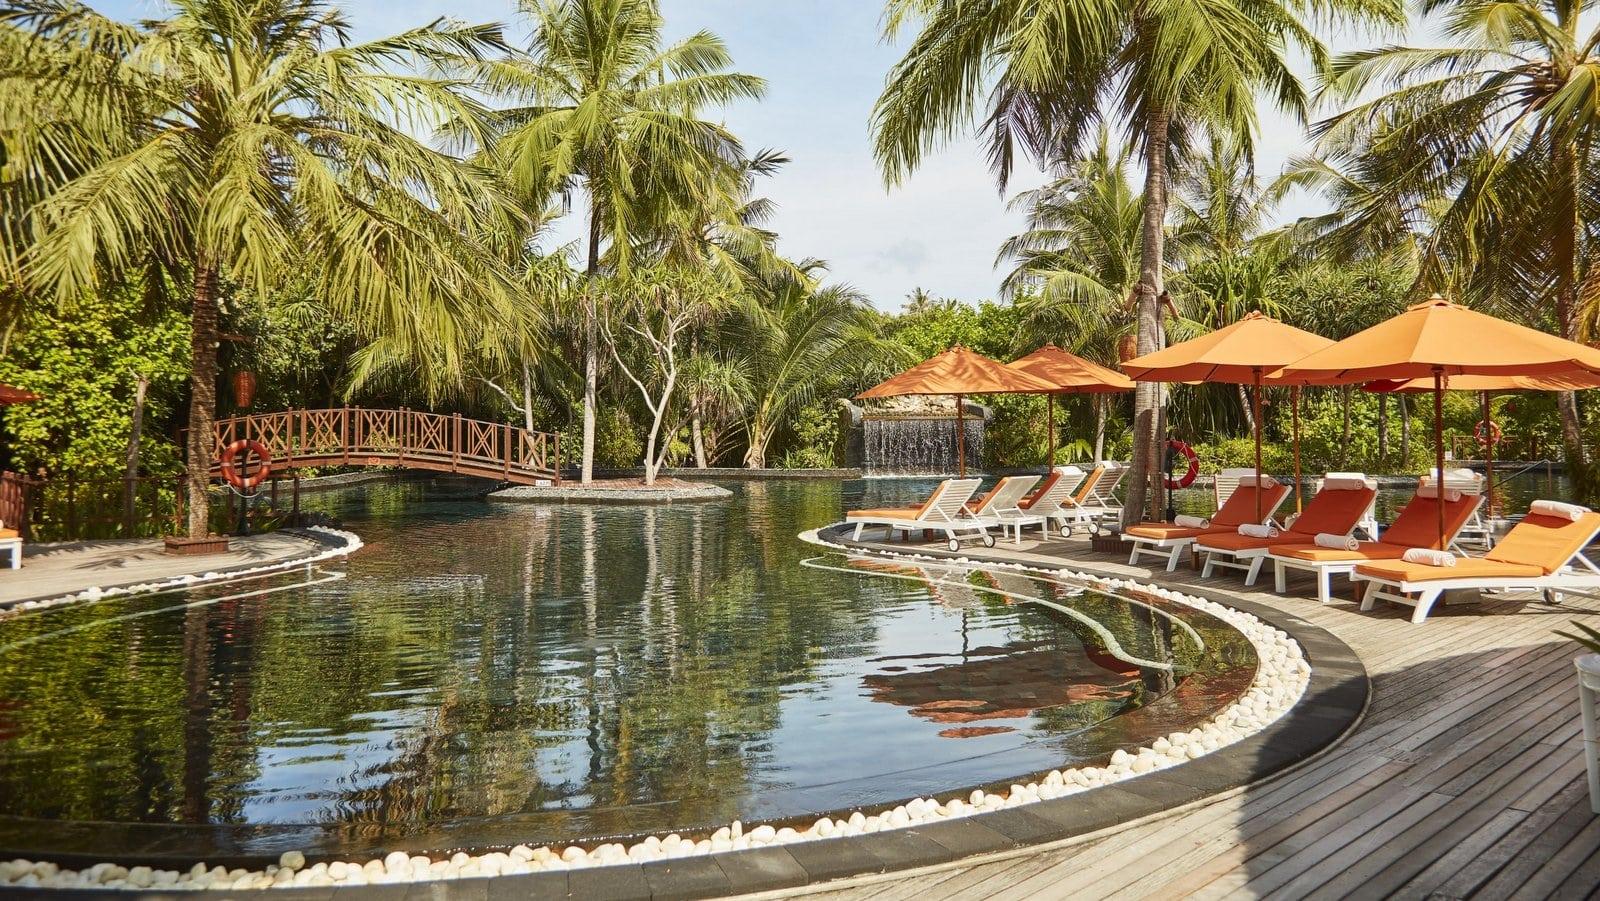 Мальдивы, отель Sun Siyam Iru Fushi, ресторан Fluid